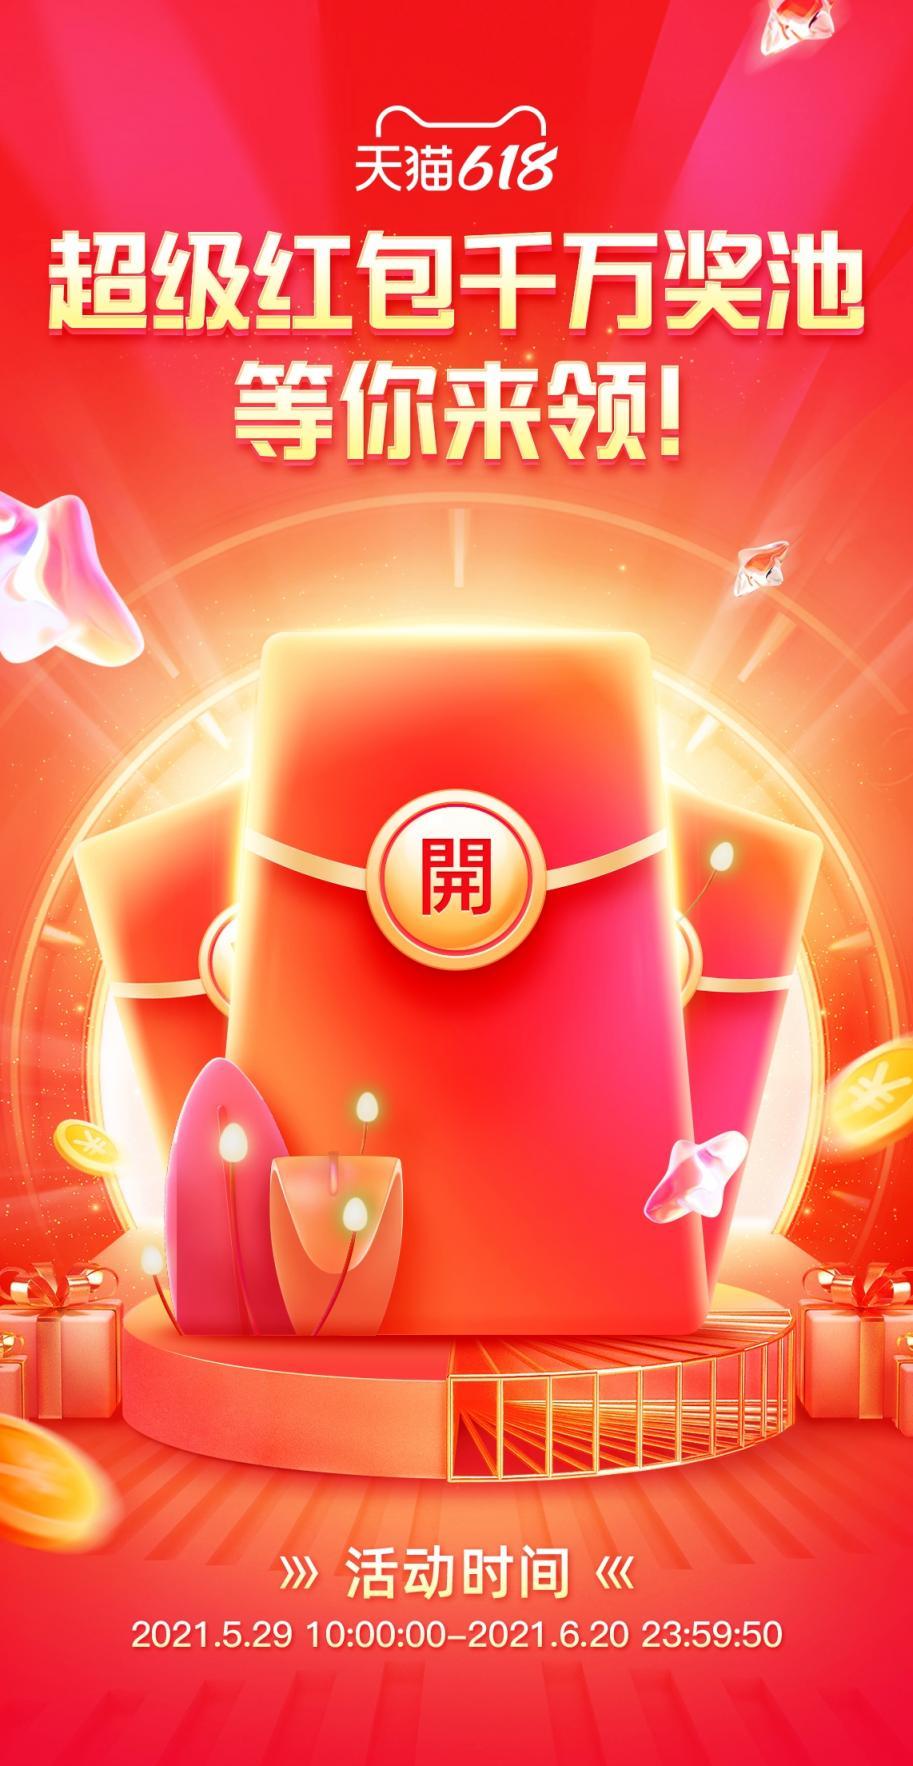 2021淘宝天猫618超级红包来咯,最高618元,每天可领。